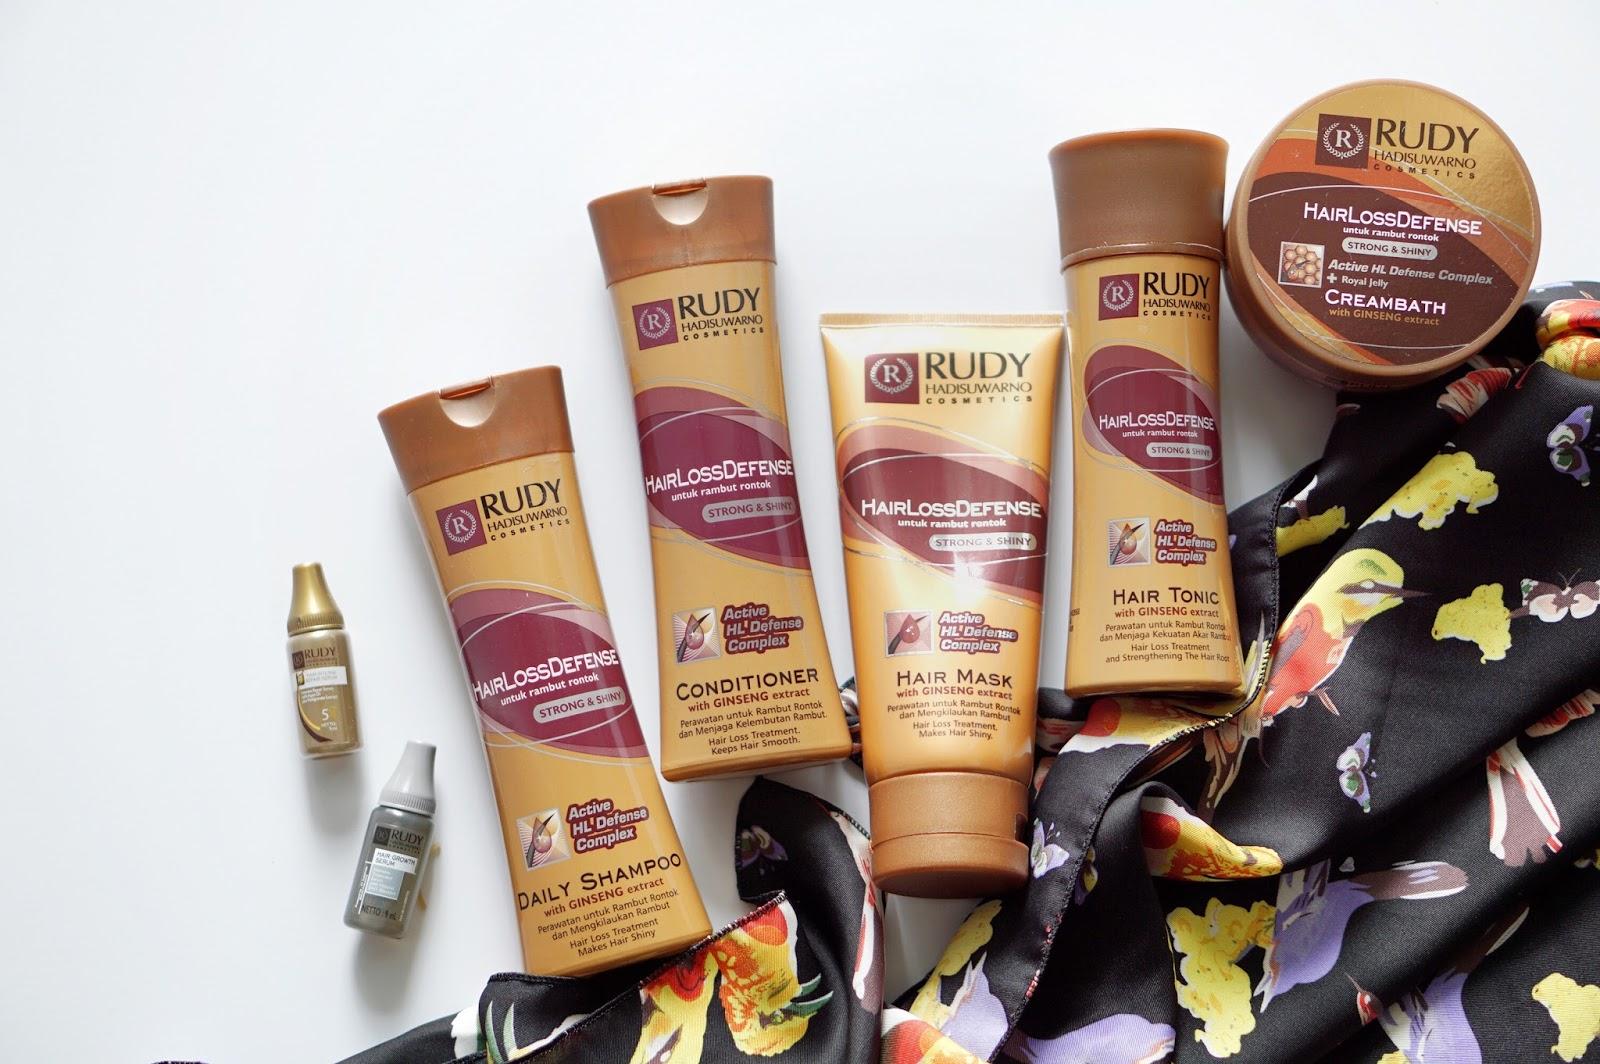 Rudy Hadisuwarno Cosmetics Hair Loss Defense Review 7aae80d73f